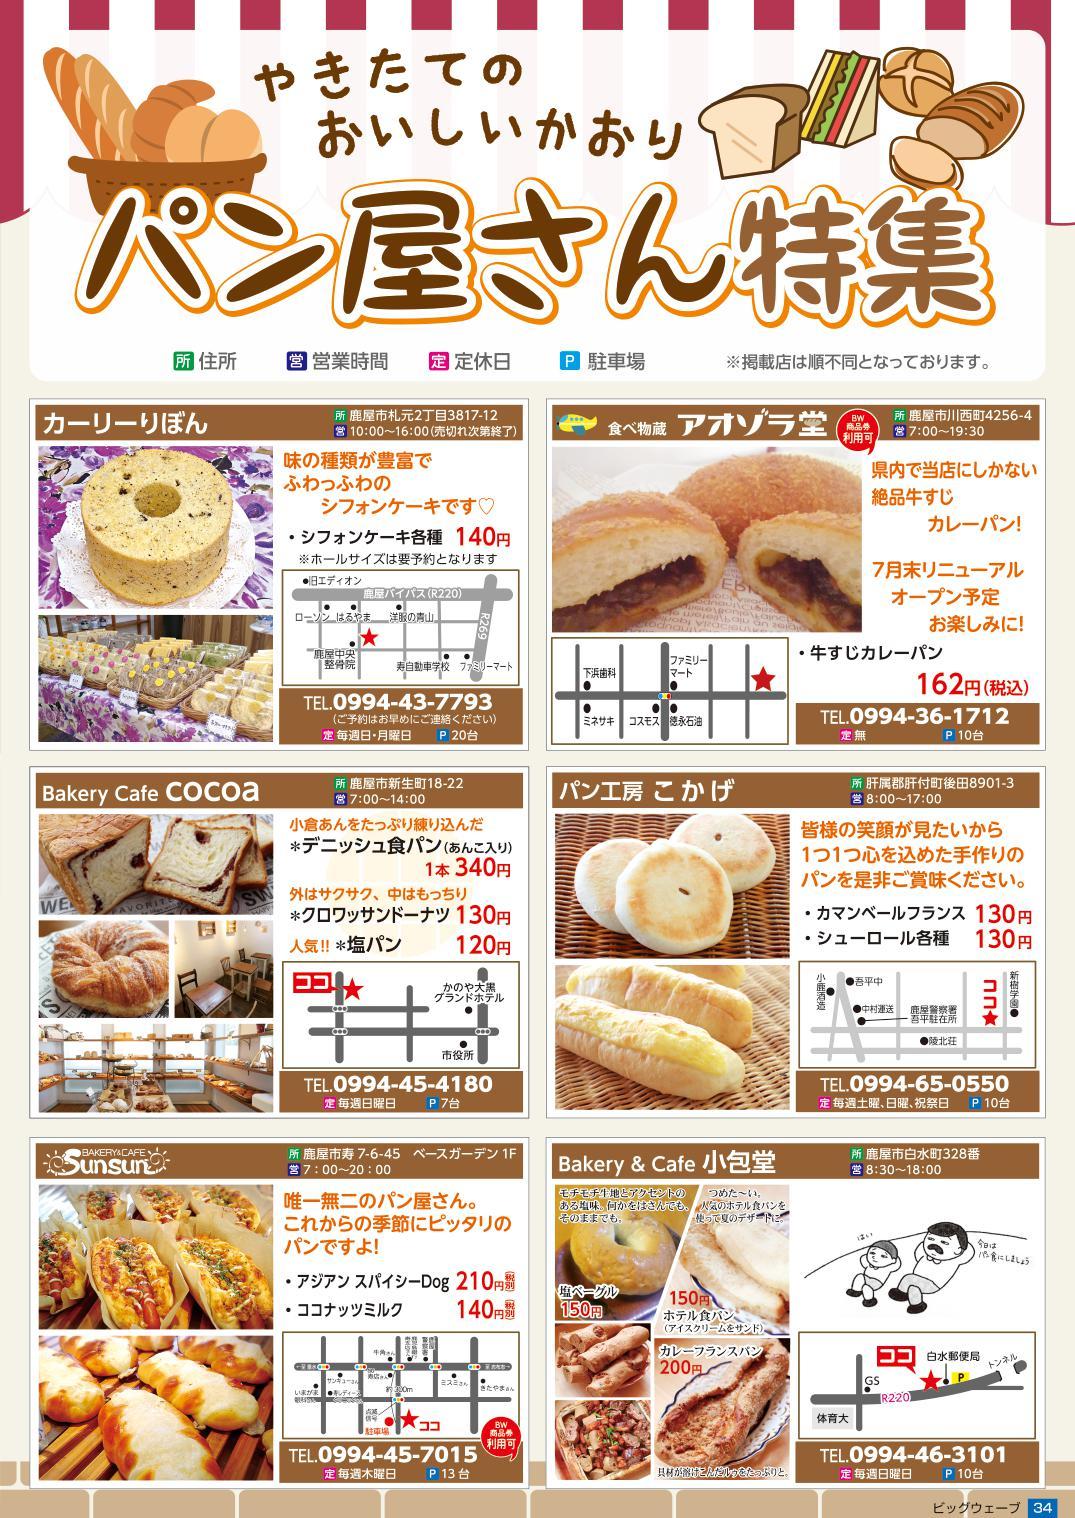 パン屋さん特集1